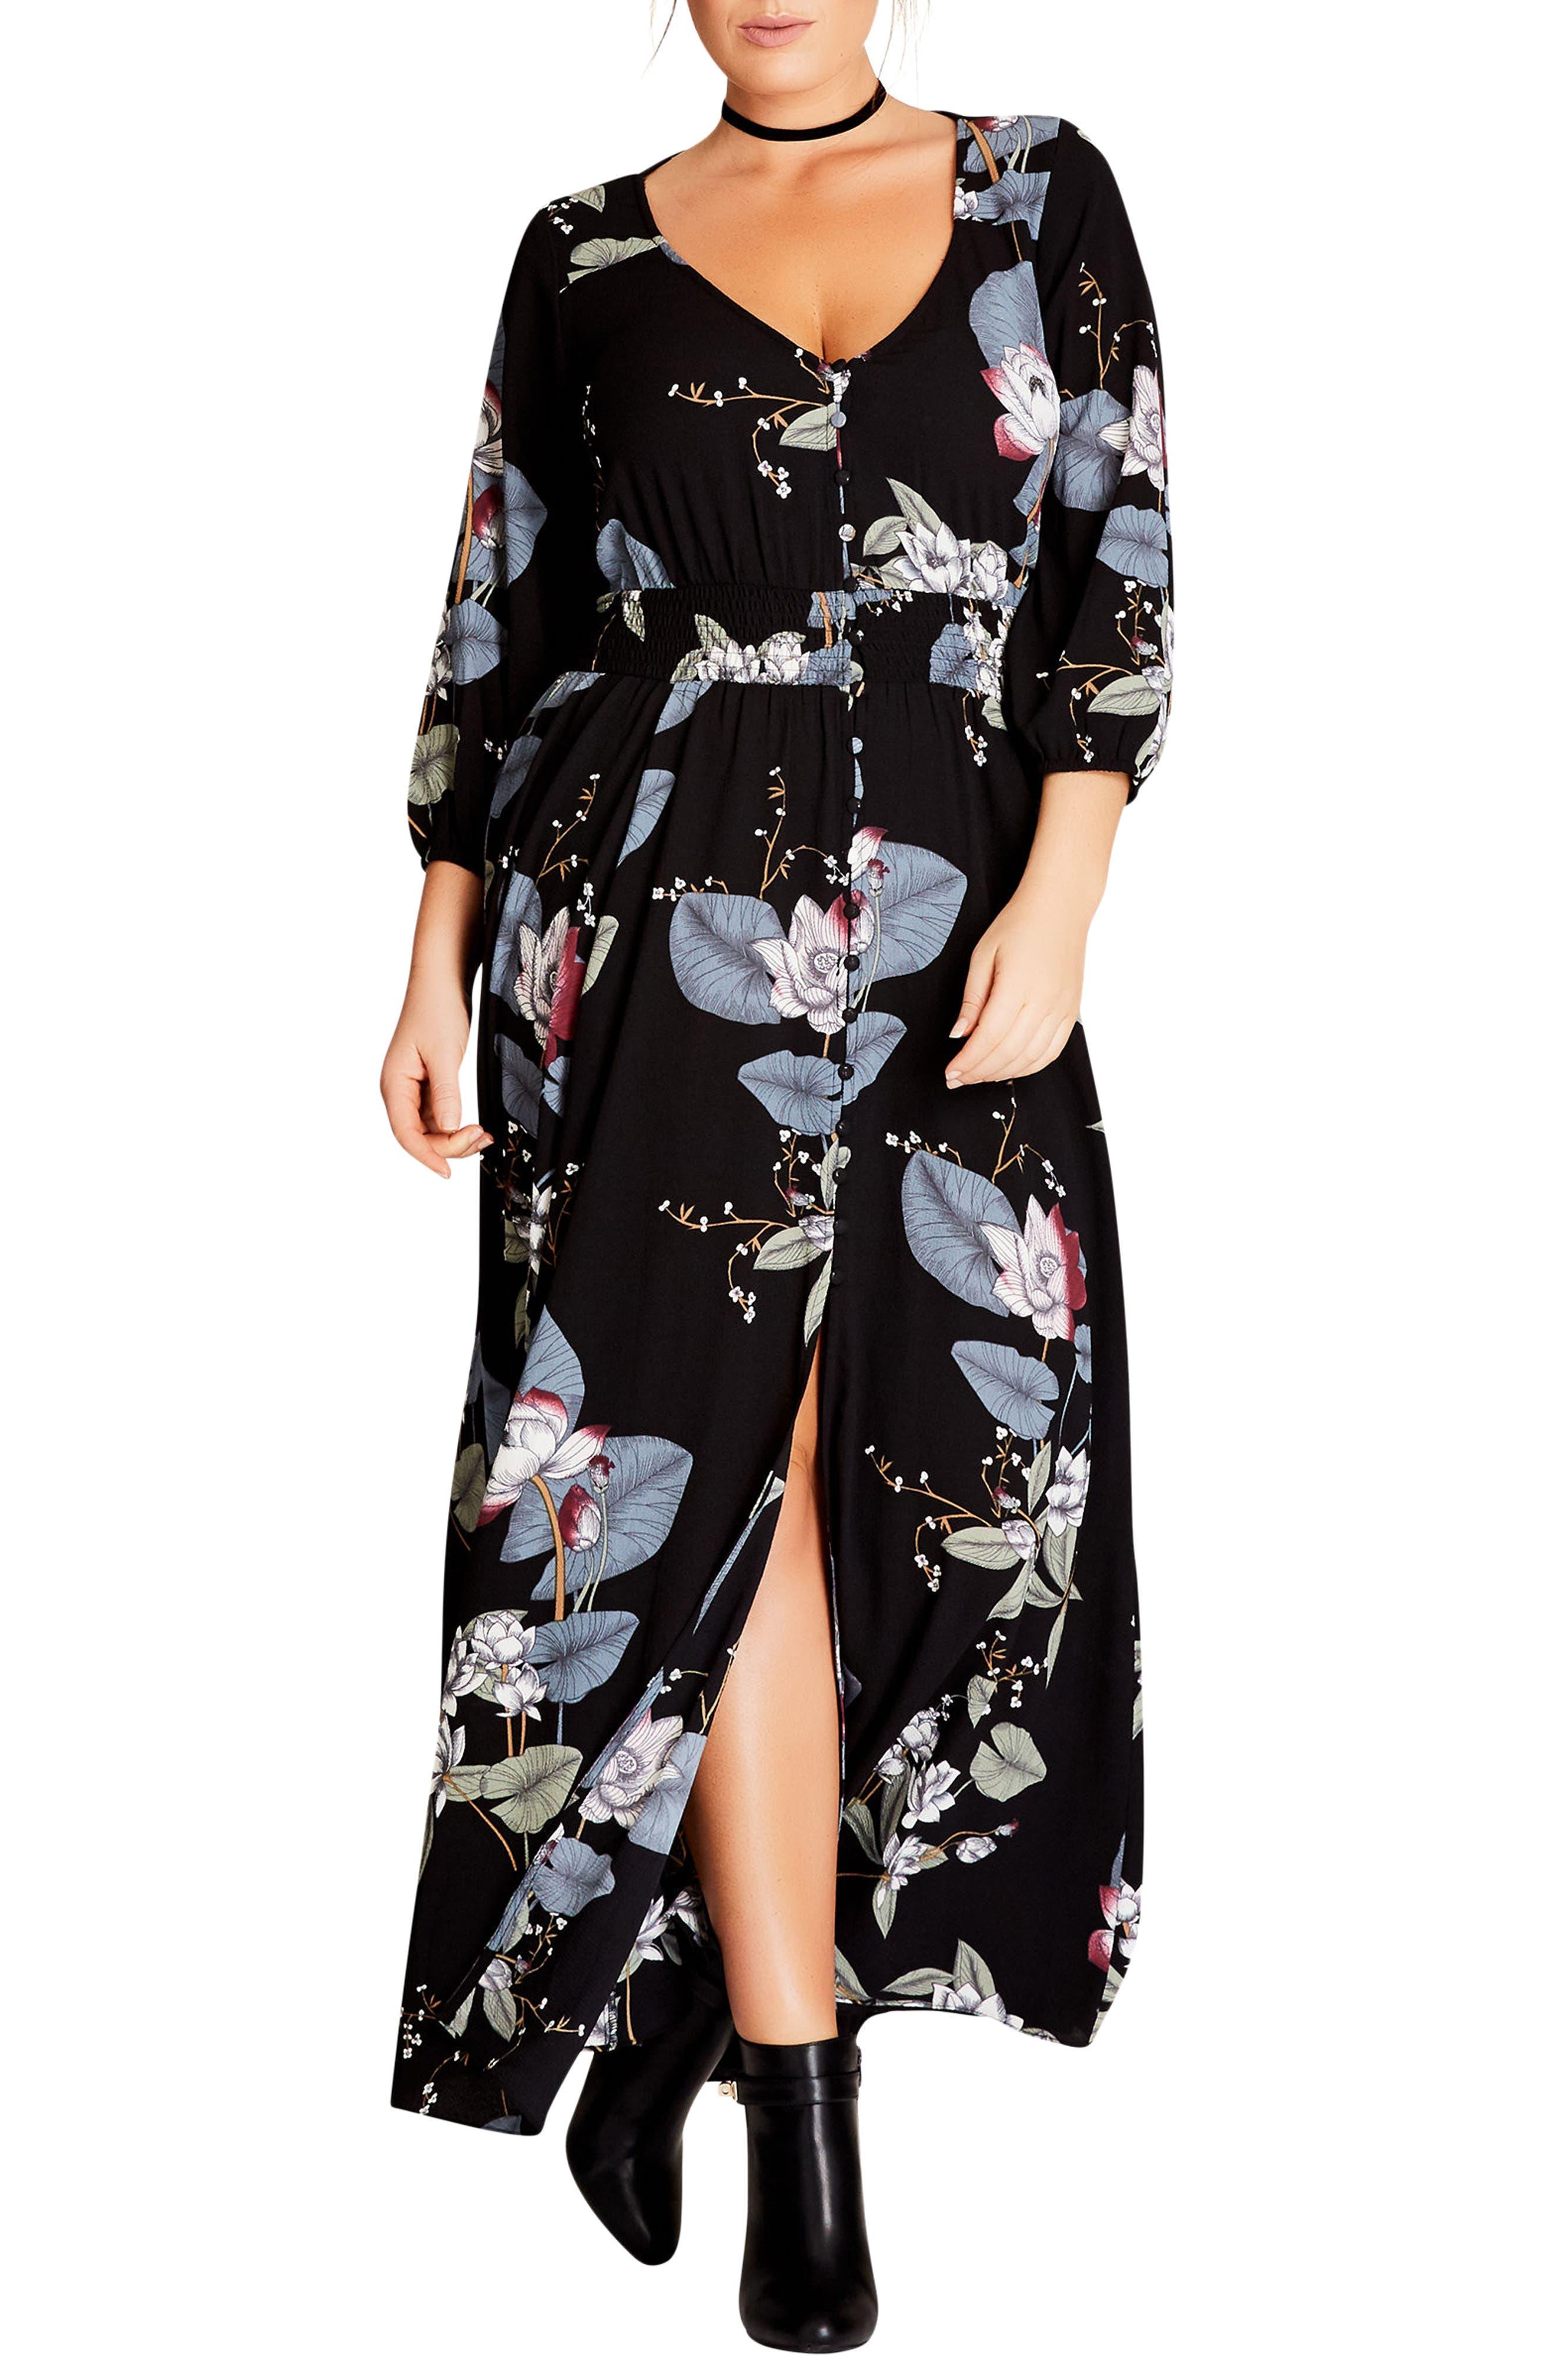 CITY CHIC Blossom Maxi Dress, Main, color, BLOSSOM